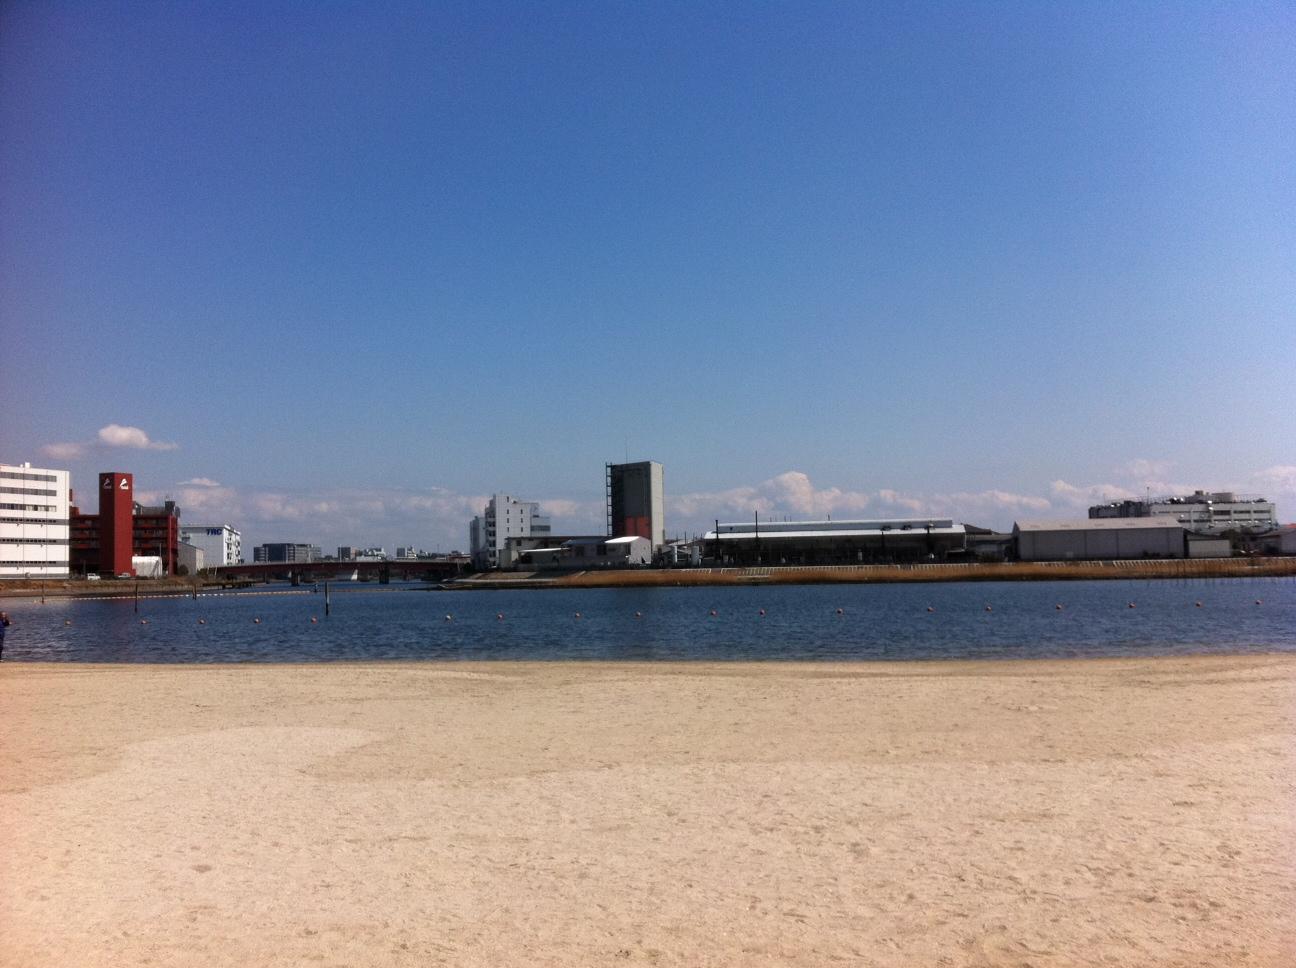 空と海のブルー。僕の命の原点「ふるはま公園」。_a0112393_14575356.jpg